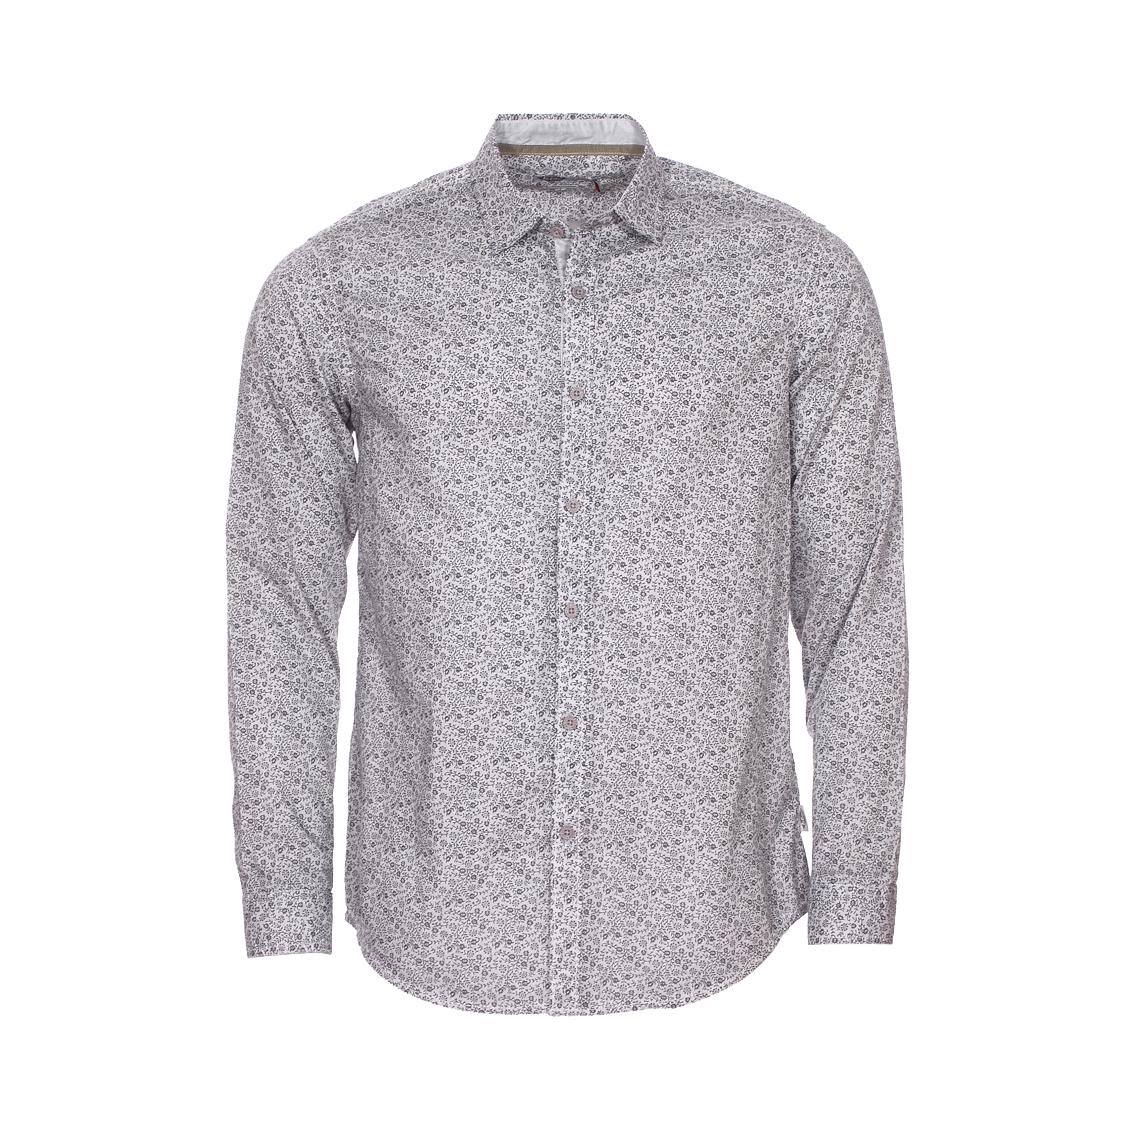 Chemise ajustée Lee Cooper Darko en coton léger blanc à motifs floraux gris